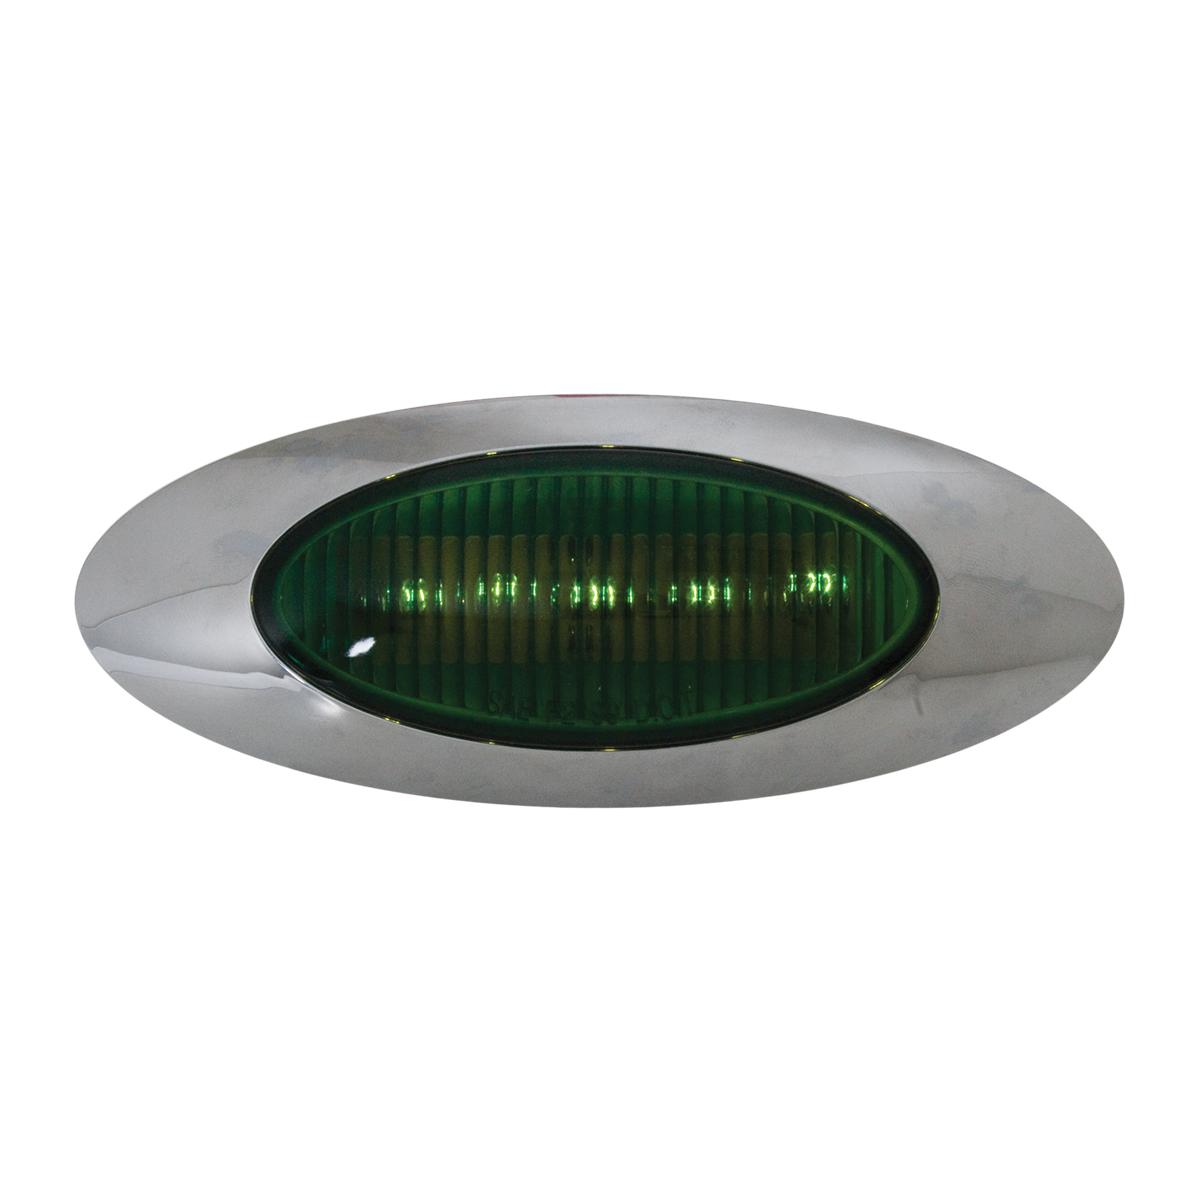 #79463 Plug In Y2K Marker Green Light - 5 Bulbs